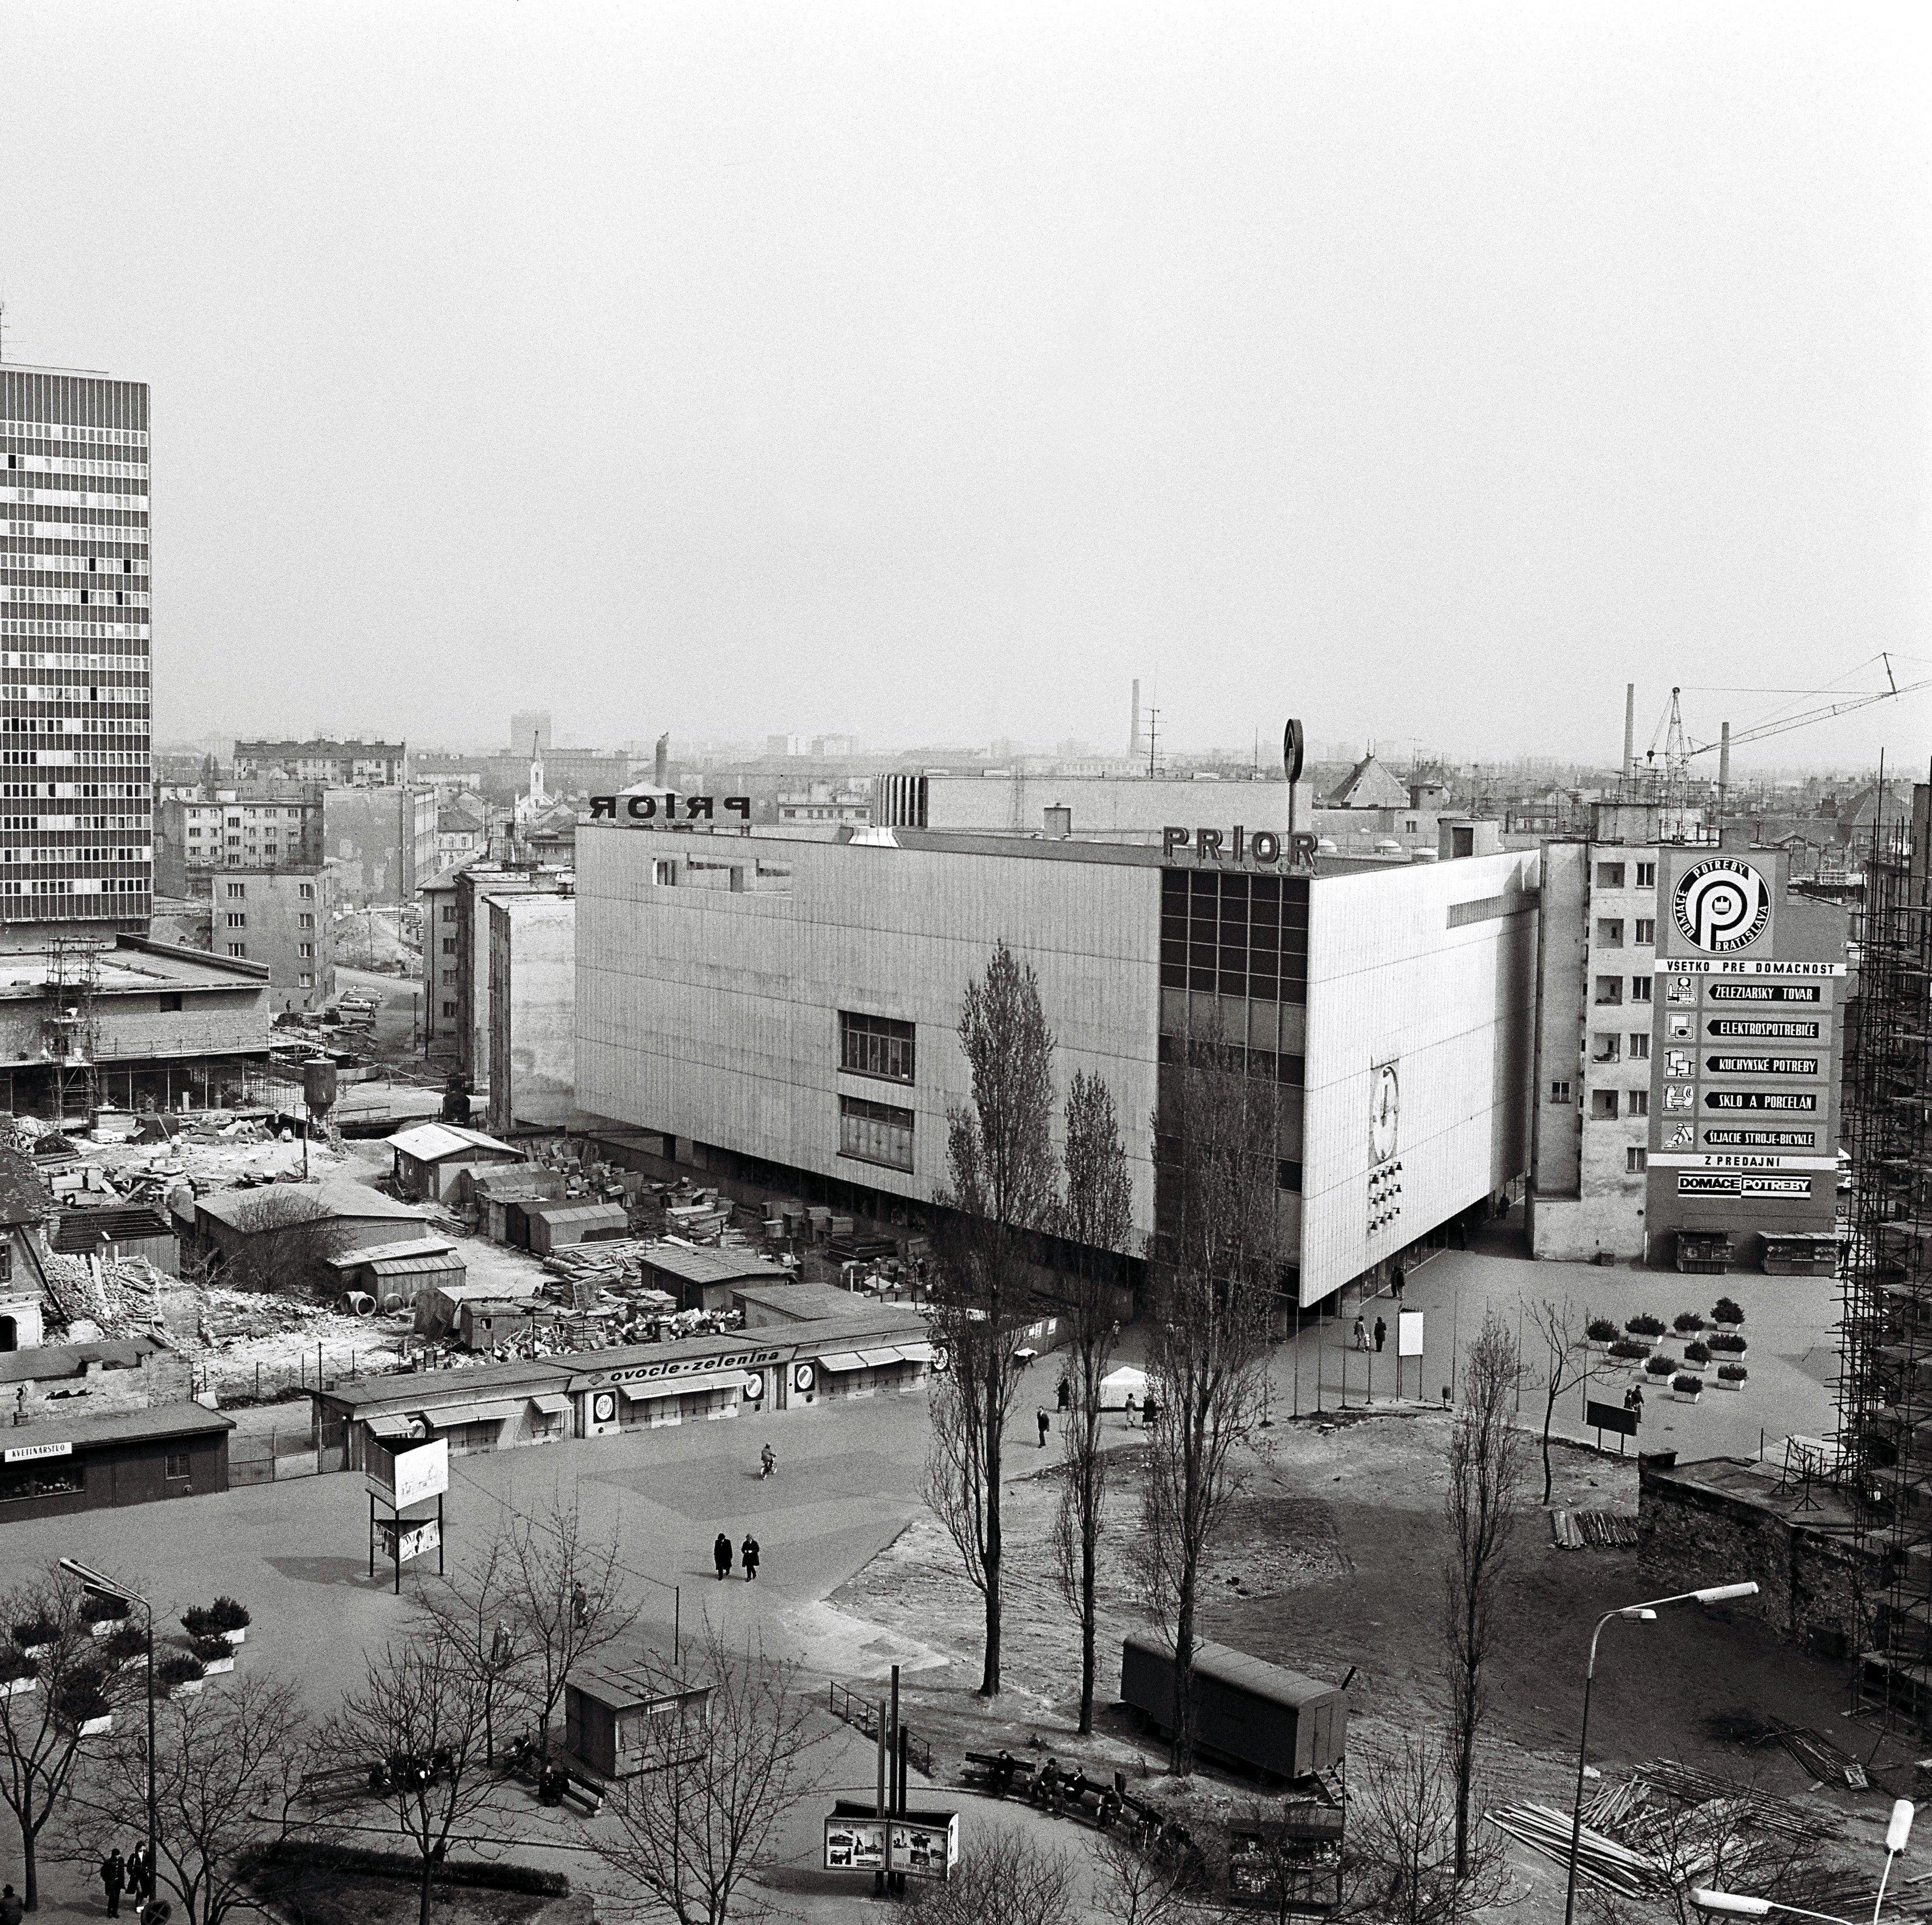 Na archívnej snímke z 2. apríla 1973 je nový obchodný dom Prior na Kamennom námestí, ktorý bol otvorený 20. novembra 1968.